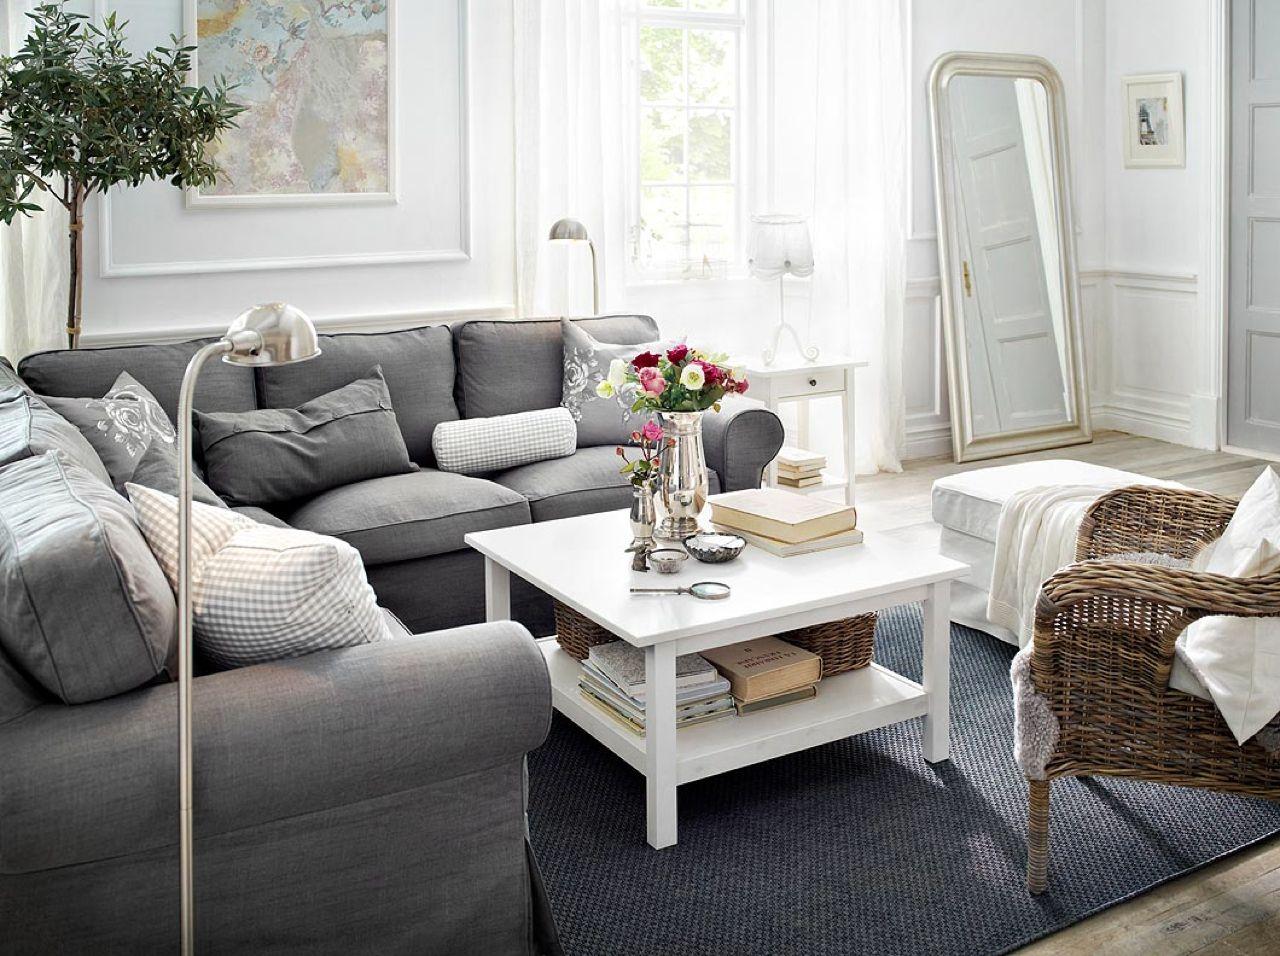 Risultati immagini per cucina soggiorno ikea | Arredamento Home ...